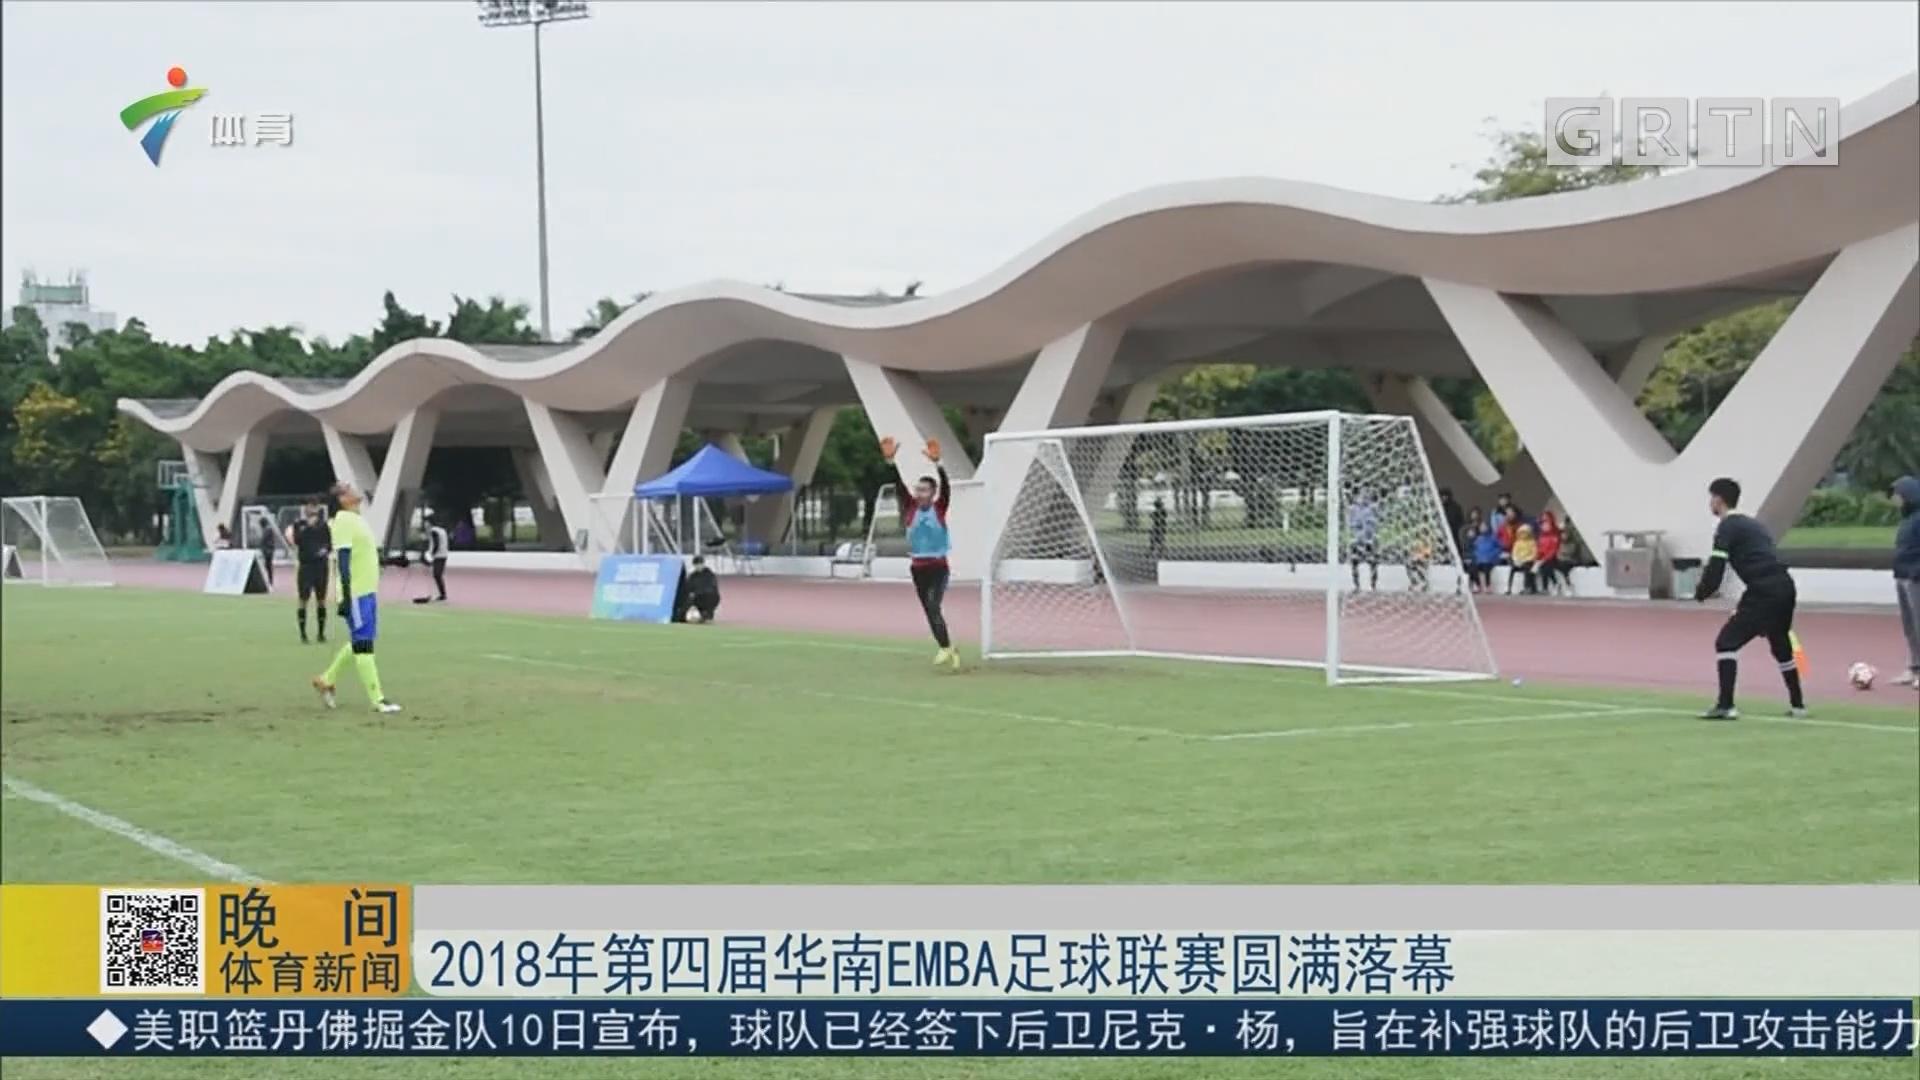 2018年第四届华南EMBA足球联赛圆满落幕